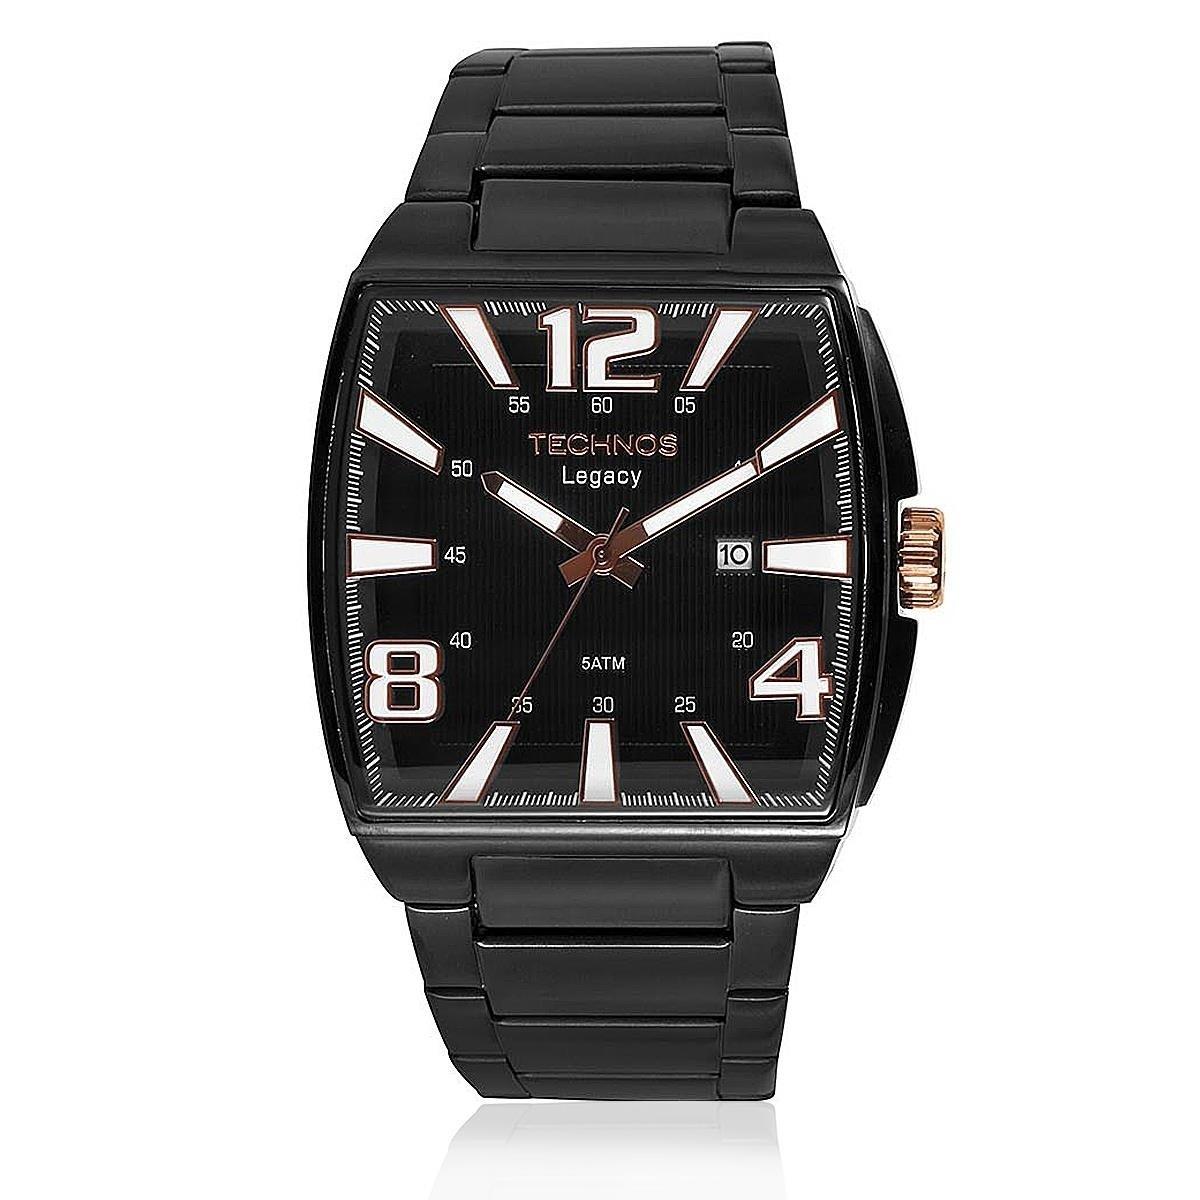 b16d2fe112f Relógio Technos Masculino Quadrado Preto Grande 2315abf 1p - R  494 ...